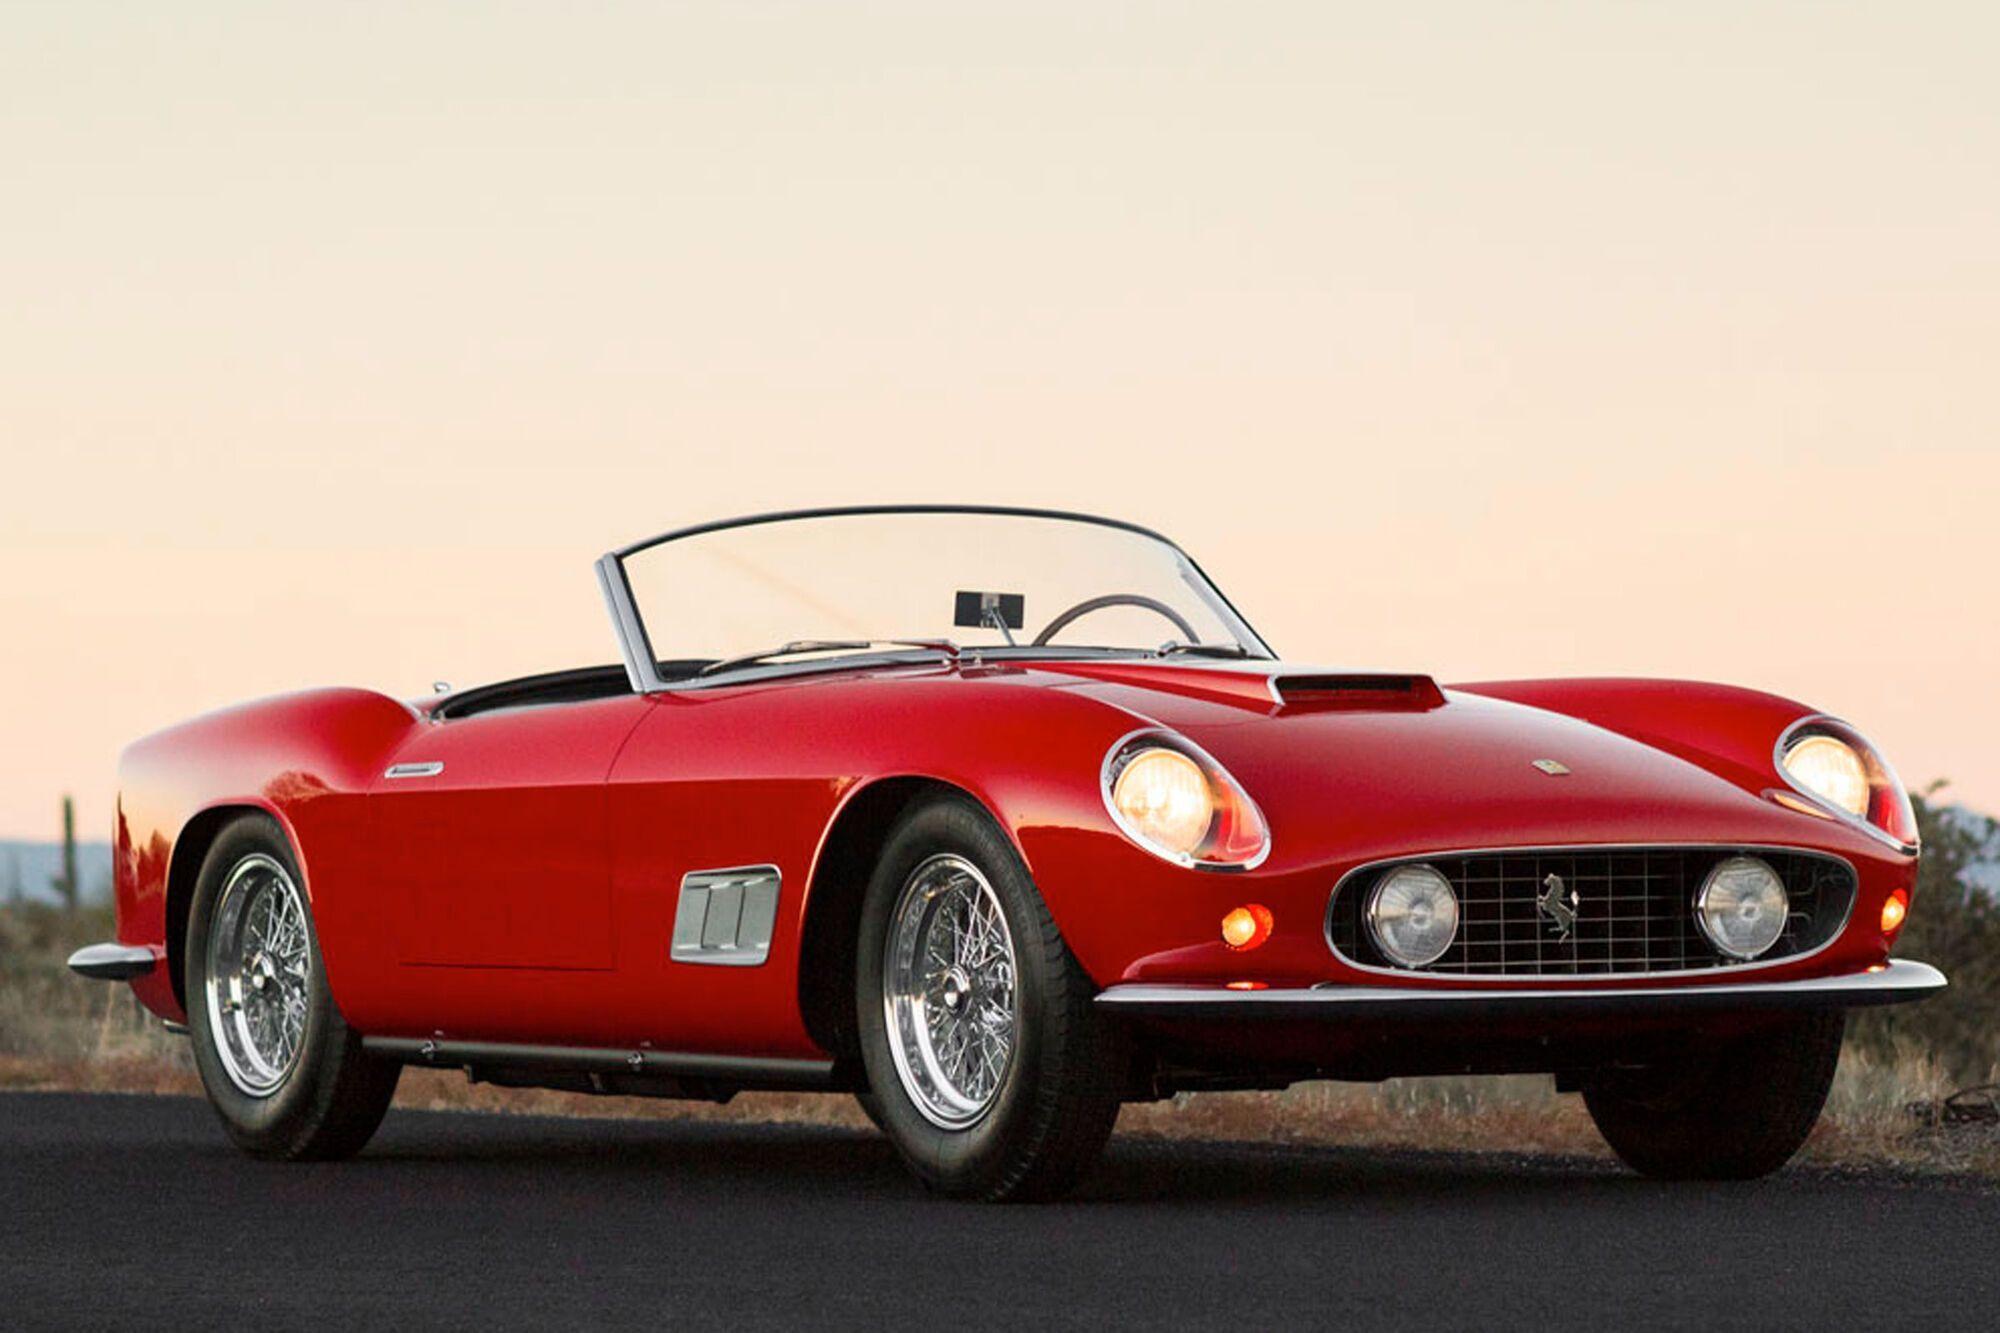 Ferrari 250 GT California Spyder SWB для ринку США